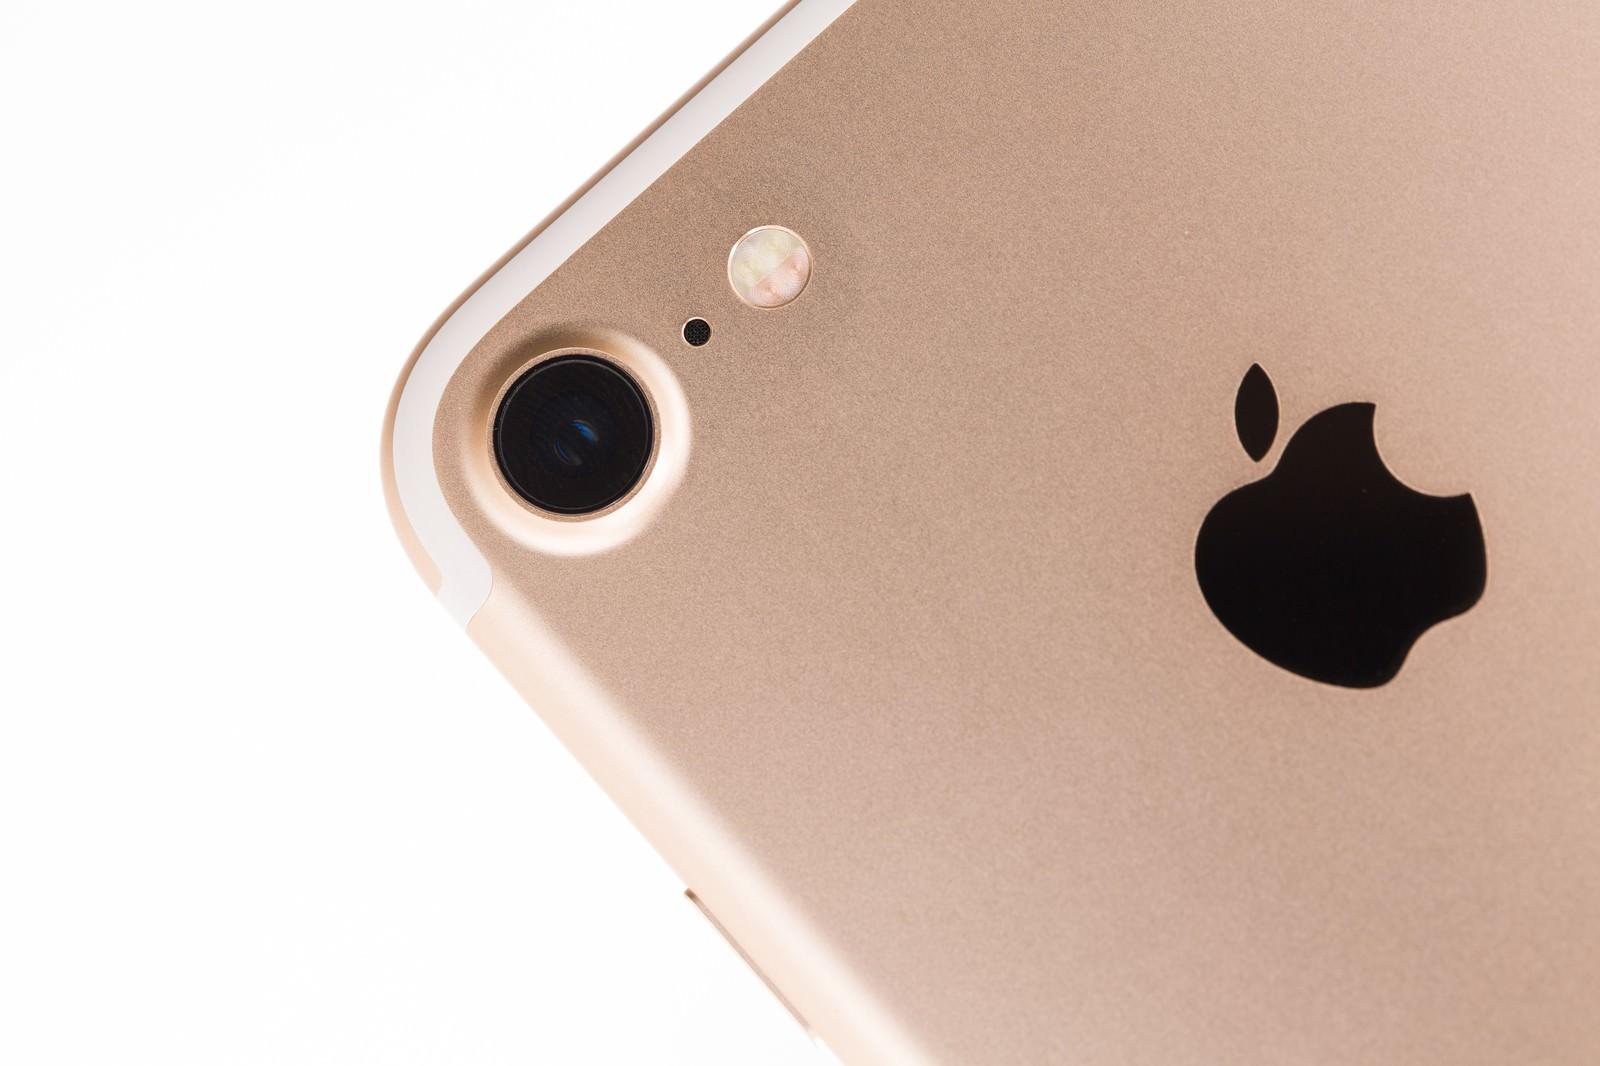 「美しいディテールのスマートフォン(ゴールドモデル)美しいディテールのスマートフォン(ゴールドモデル)」のフリー写真素材を拡大